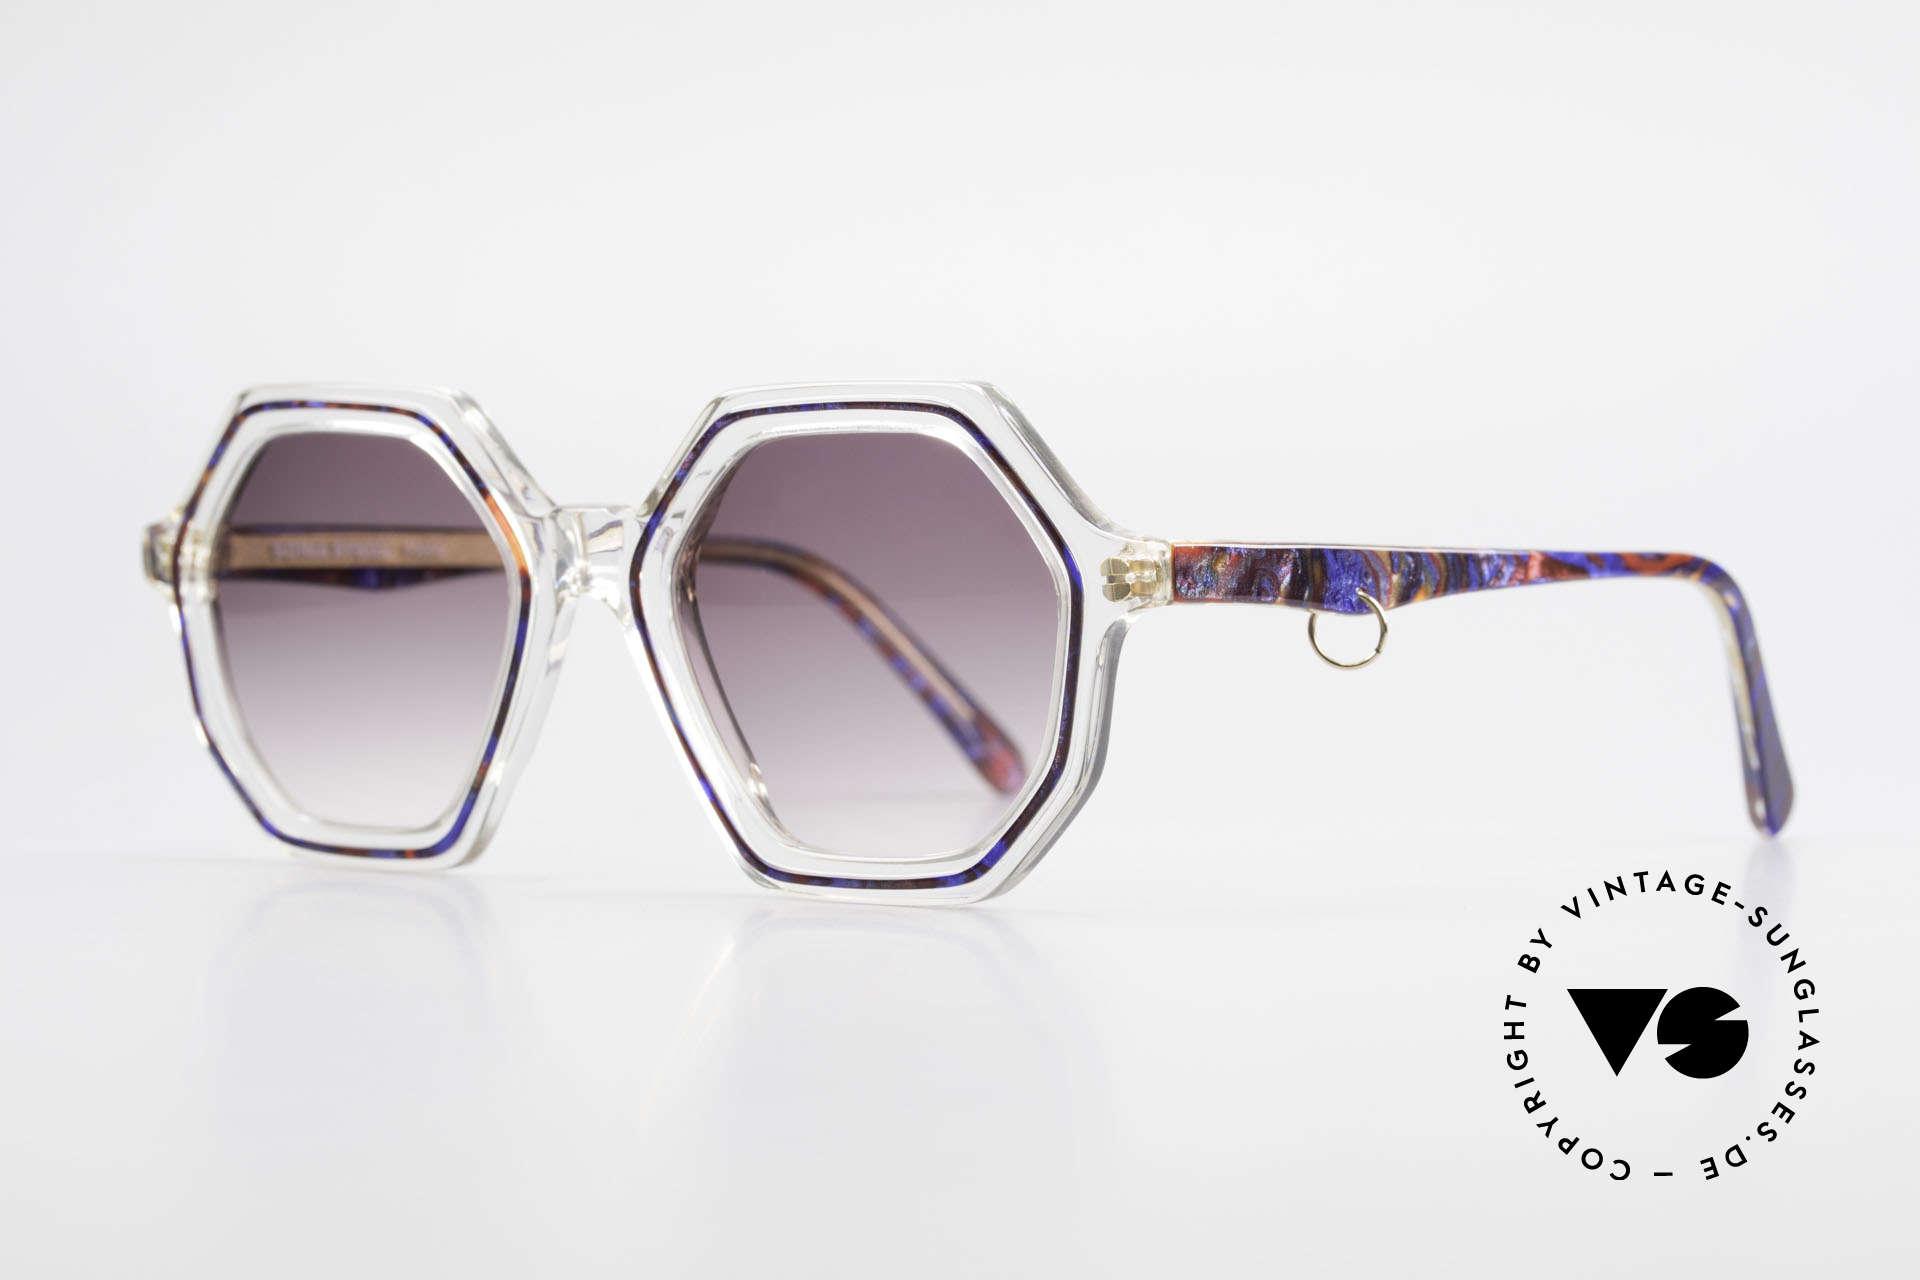 Sonia Rykiel SR756 Achteckige 70er Sonnenbrille, transparenter Rahmen mit blau & rot (+ goldener Ring), Passend für Damen